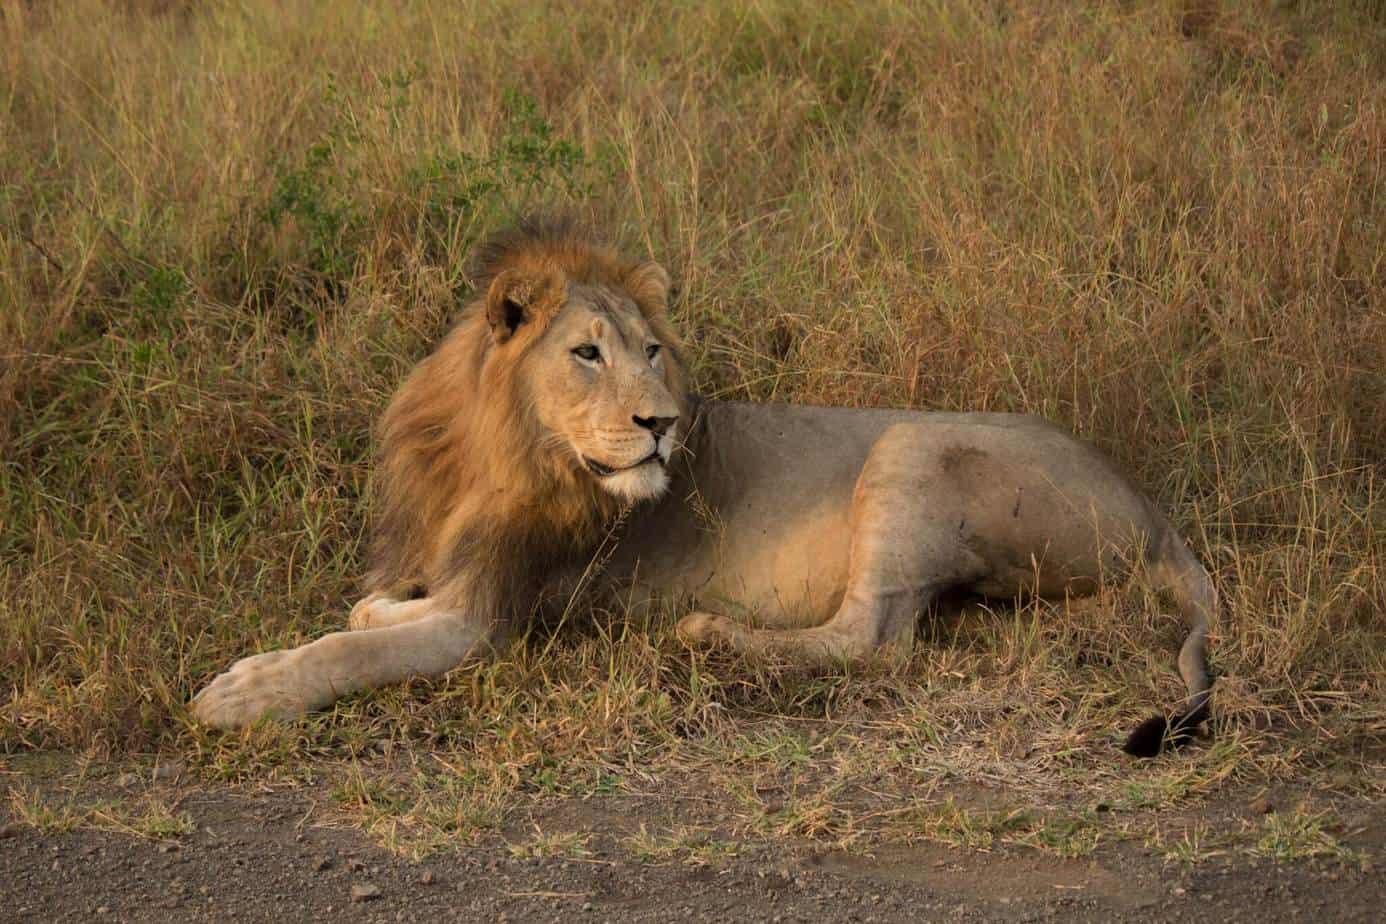 IMG 8024 - Tanzania